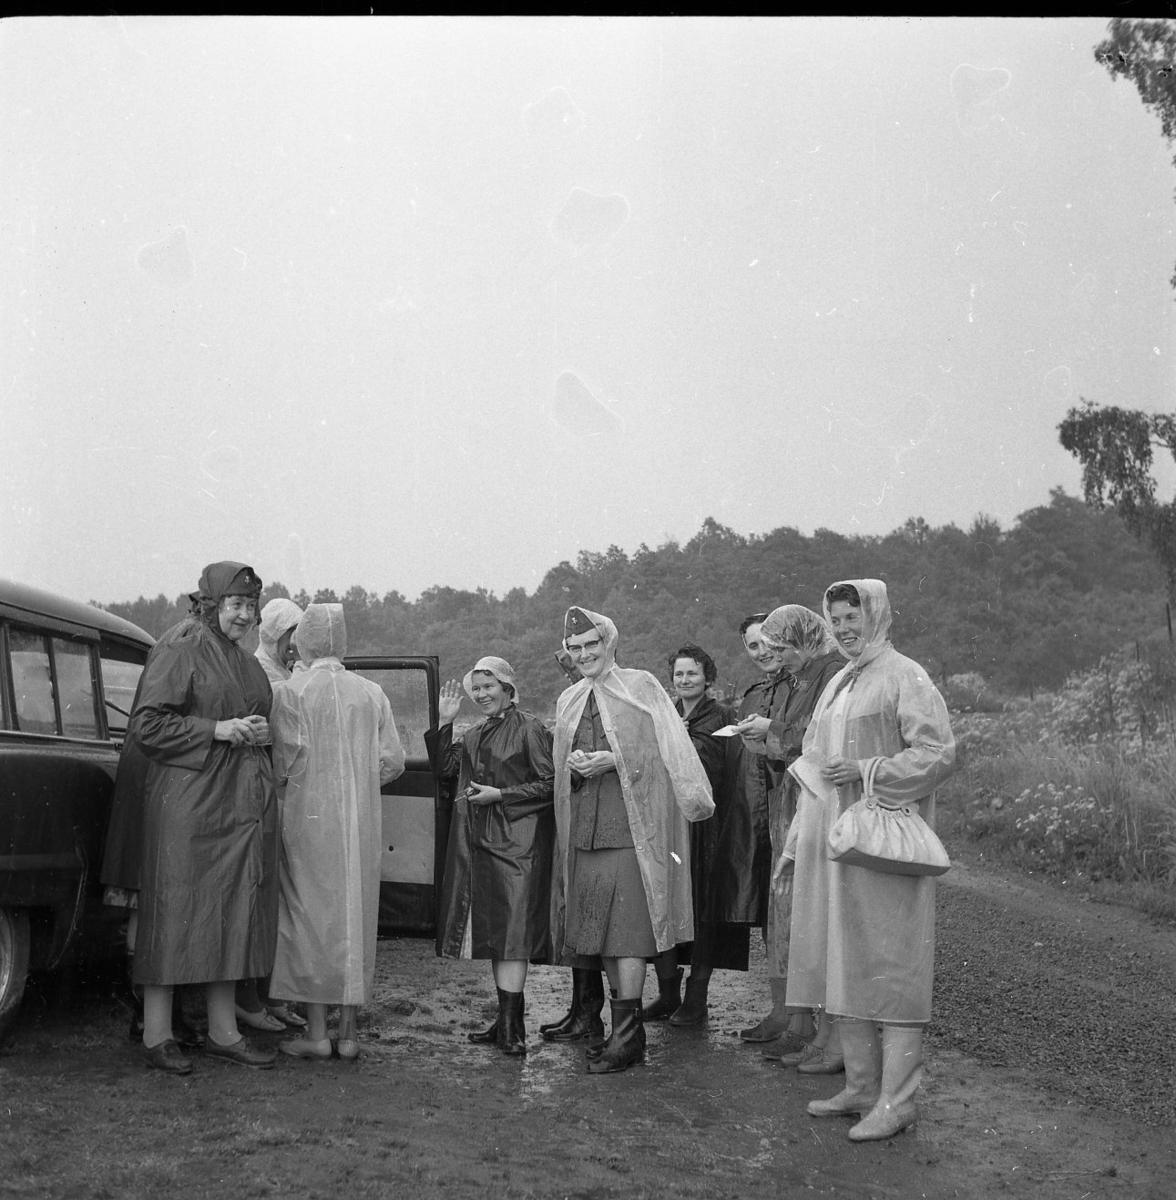 En grupp kvinnor i regnkläder står vid en bil med höger dörr öppen. Det regnar.